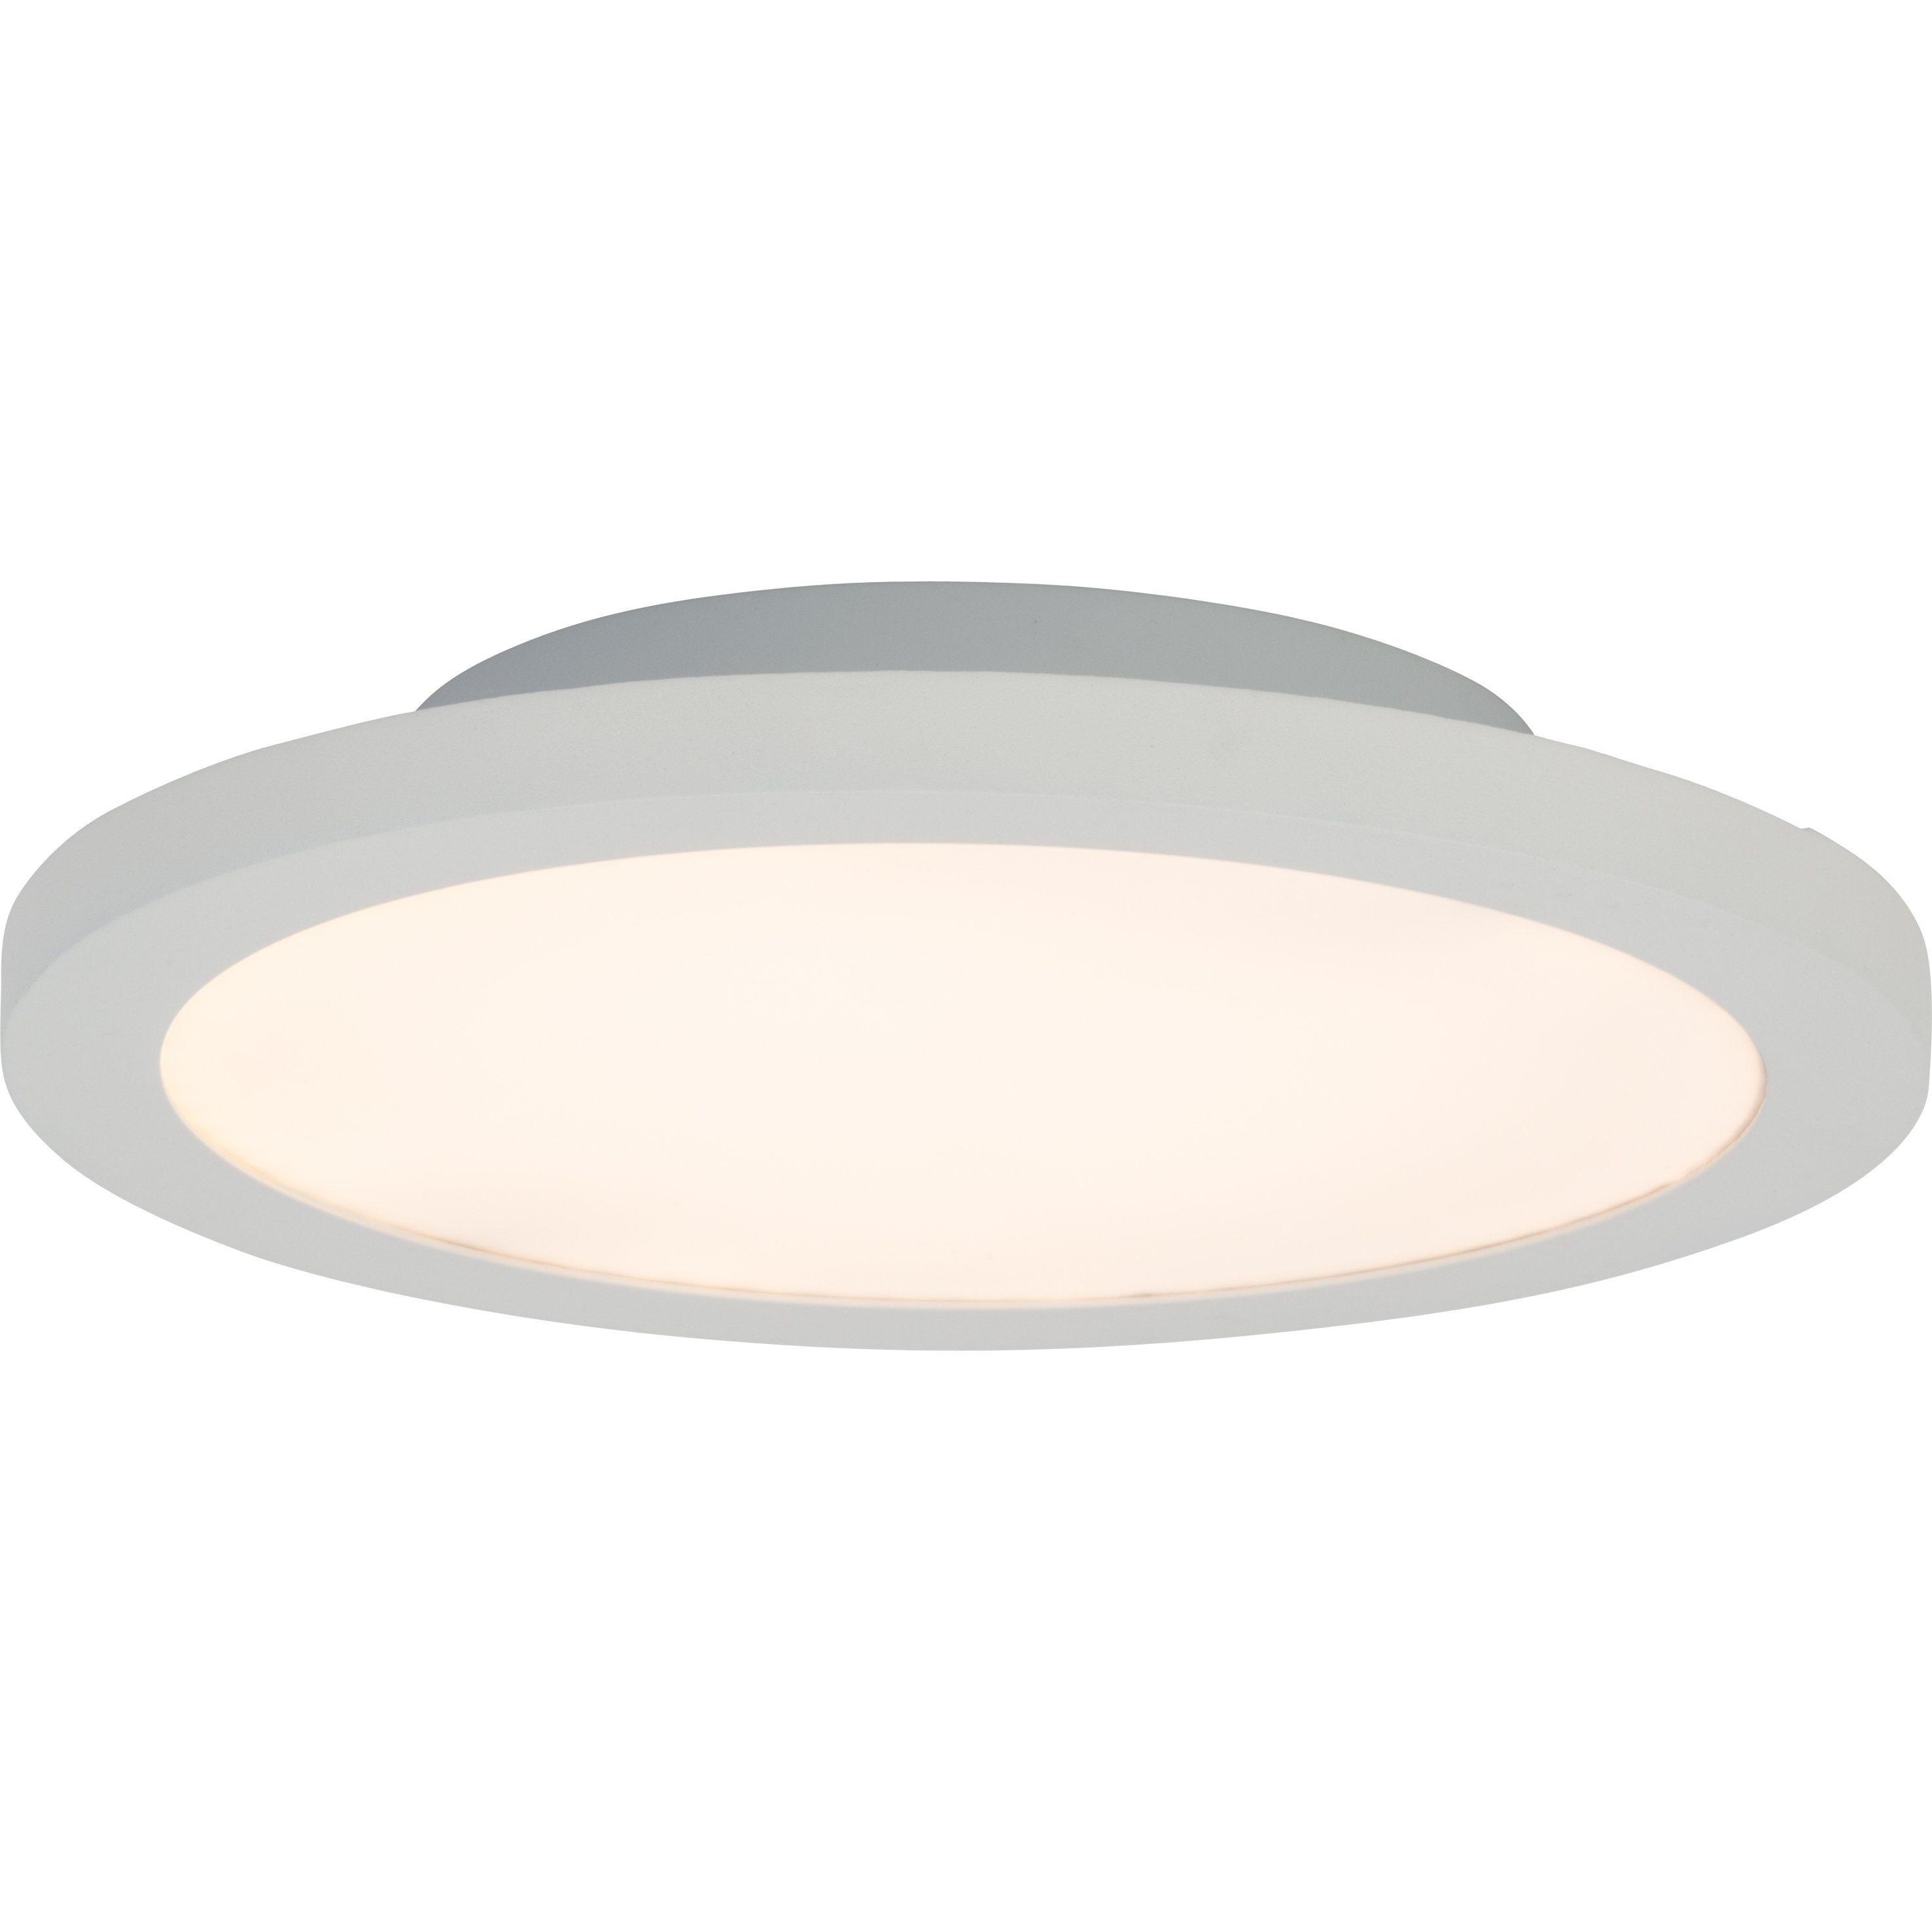 Brilliant Leuchten Smooth LED Deckenaufbau-Paneel 30cm weiß